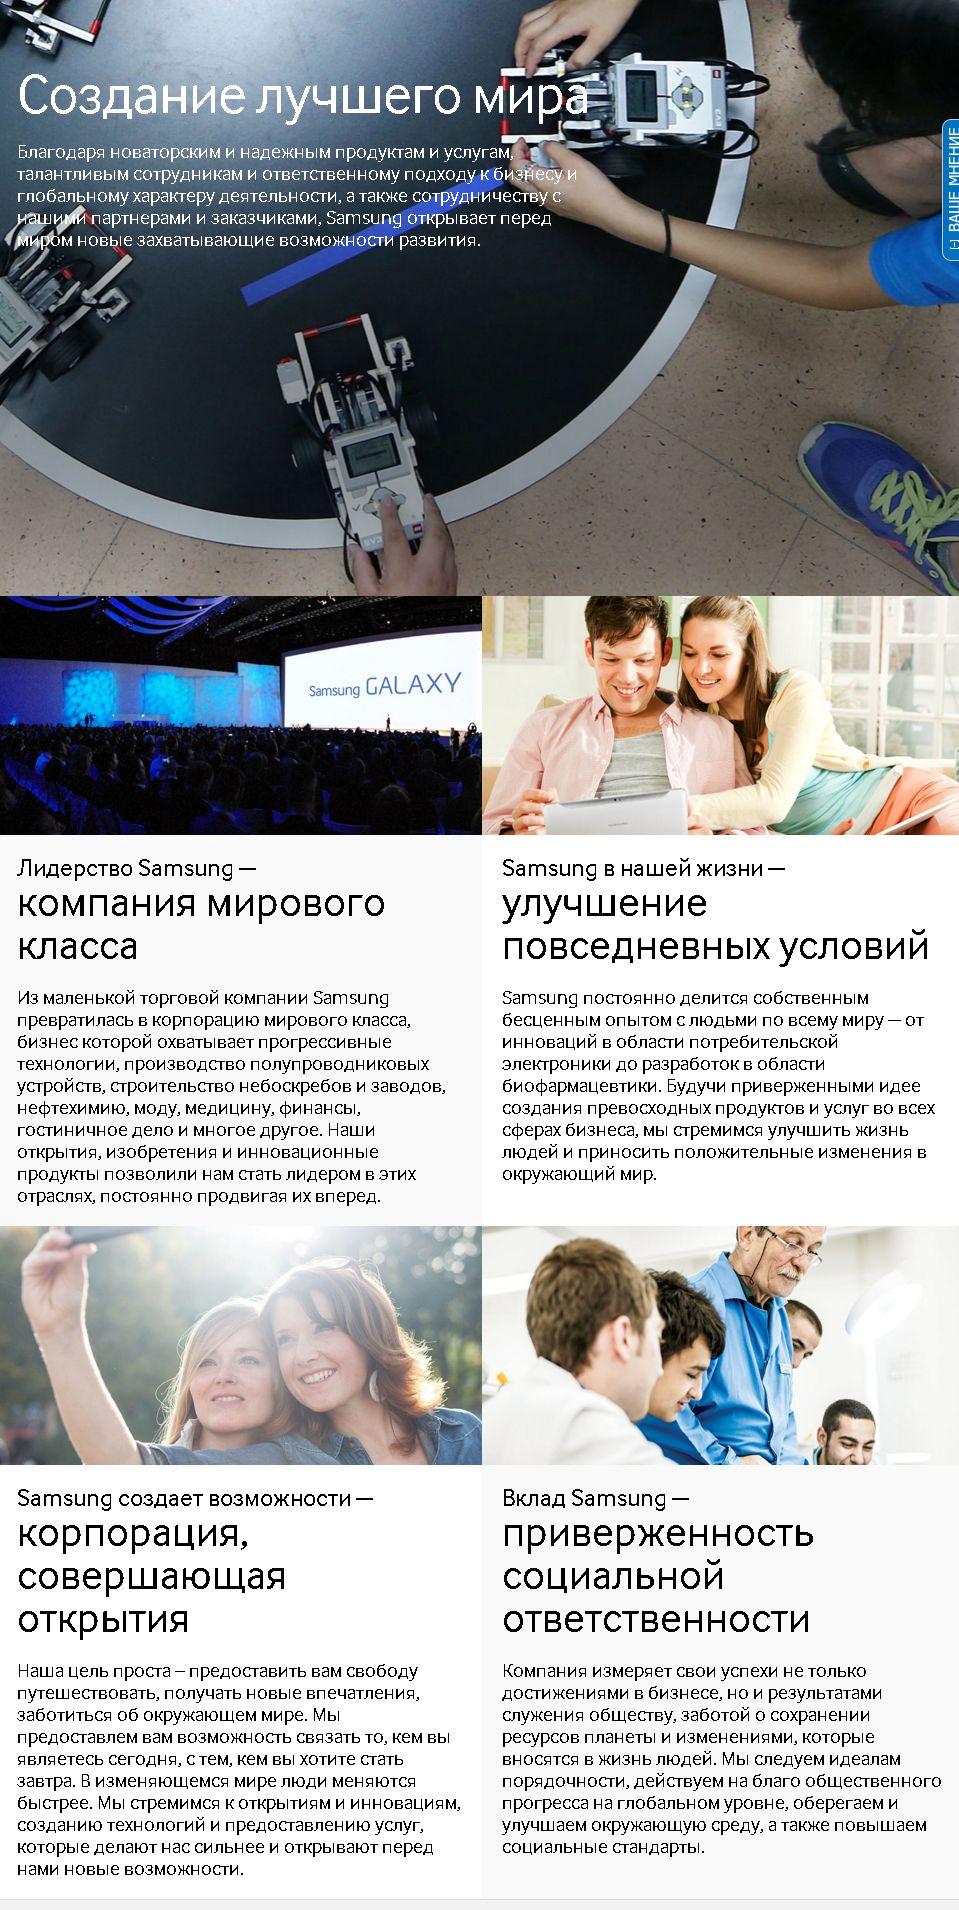 Компания Samsung сделала иначе  она взяла всего понемногу (миссия, история,  ценности, видение) и совместила все это в одном тексте. dd5f62cd9ba